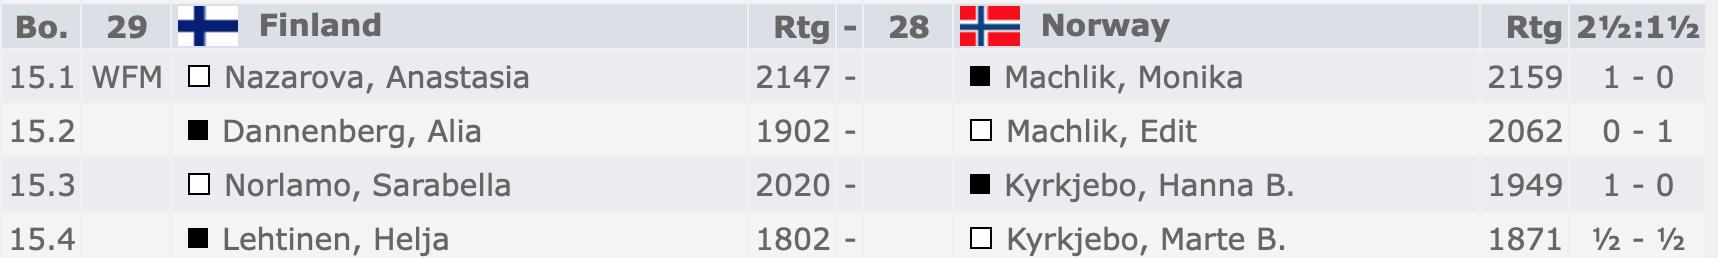 dating sites Norjassa ja Ruotsissa